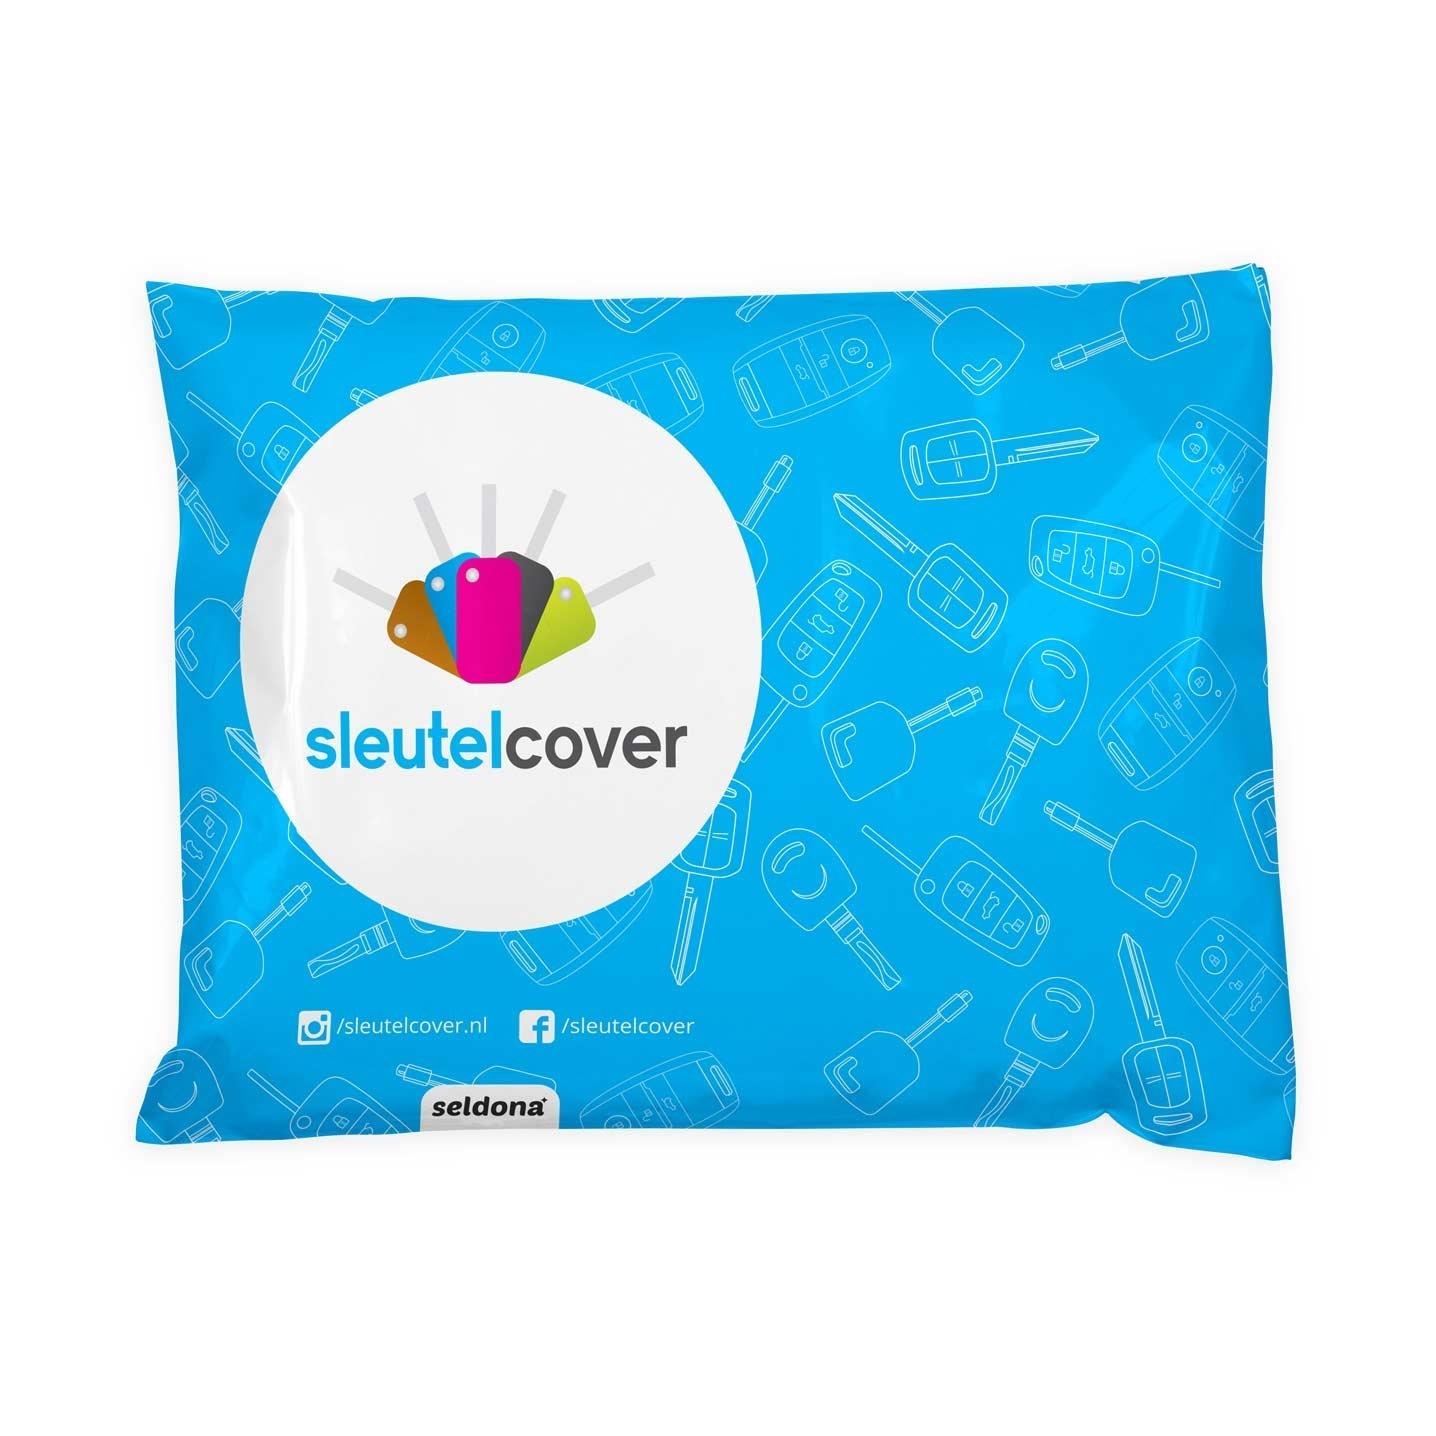 Mercedes SleutelCover - Roze / Silicone sleutelhoesje / beschermhoesje autosleutel